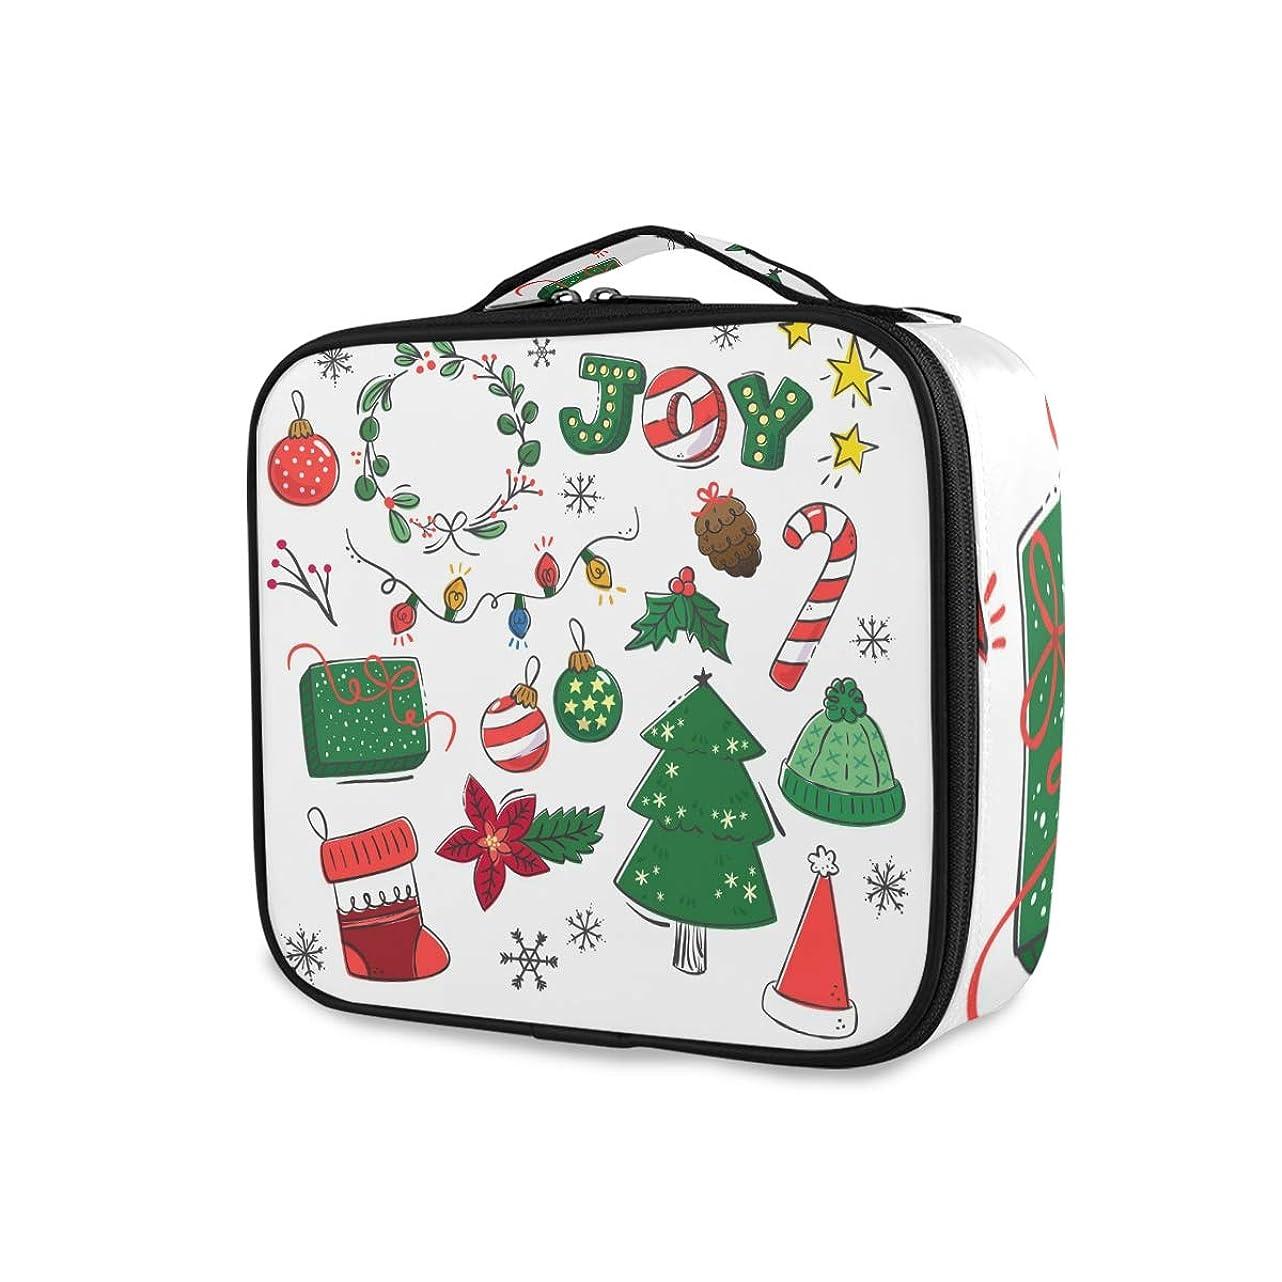 朝食を食べる赤ちゃん深めるメイクボックス クリスマスツリー かわいい 大容量 収納 仕切り付き 収納ケース 機能性 小物入れ 旅行 通勤 化粧道具 高品質 メイク収納 整理 持ち運び